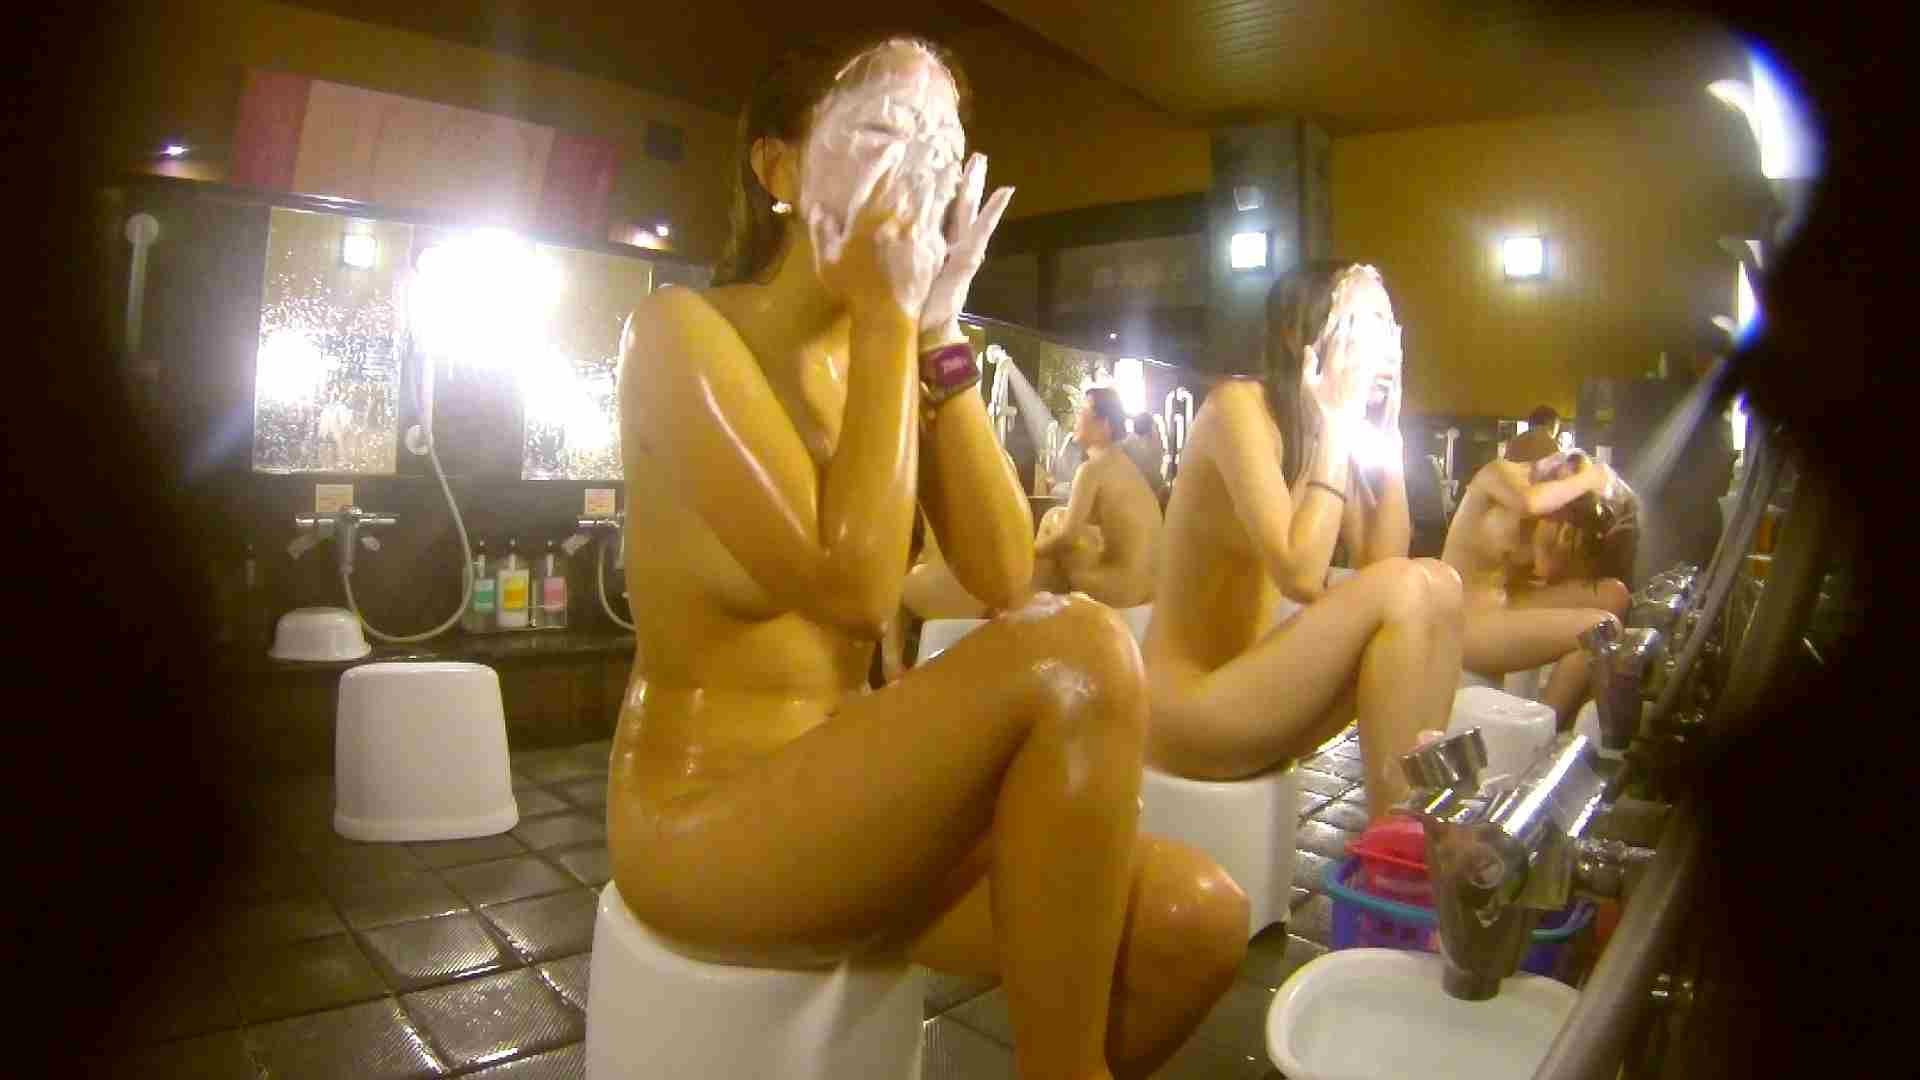 追い撮り!脱衣~洗い場、そして着替え、髪を乾かすまで完全追跡。 美乳 ヌード画像 84枚 59